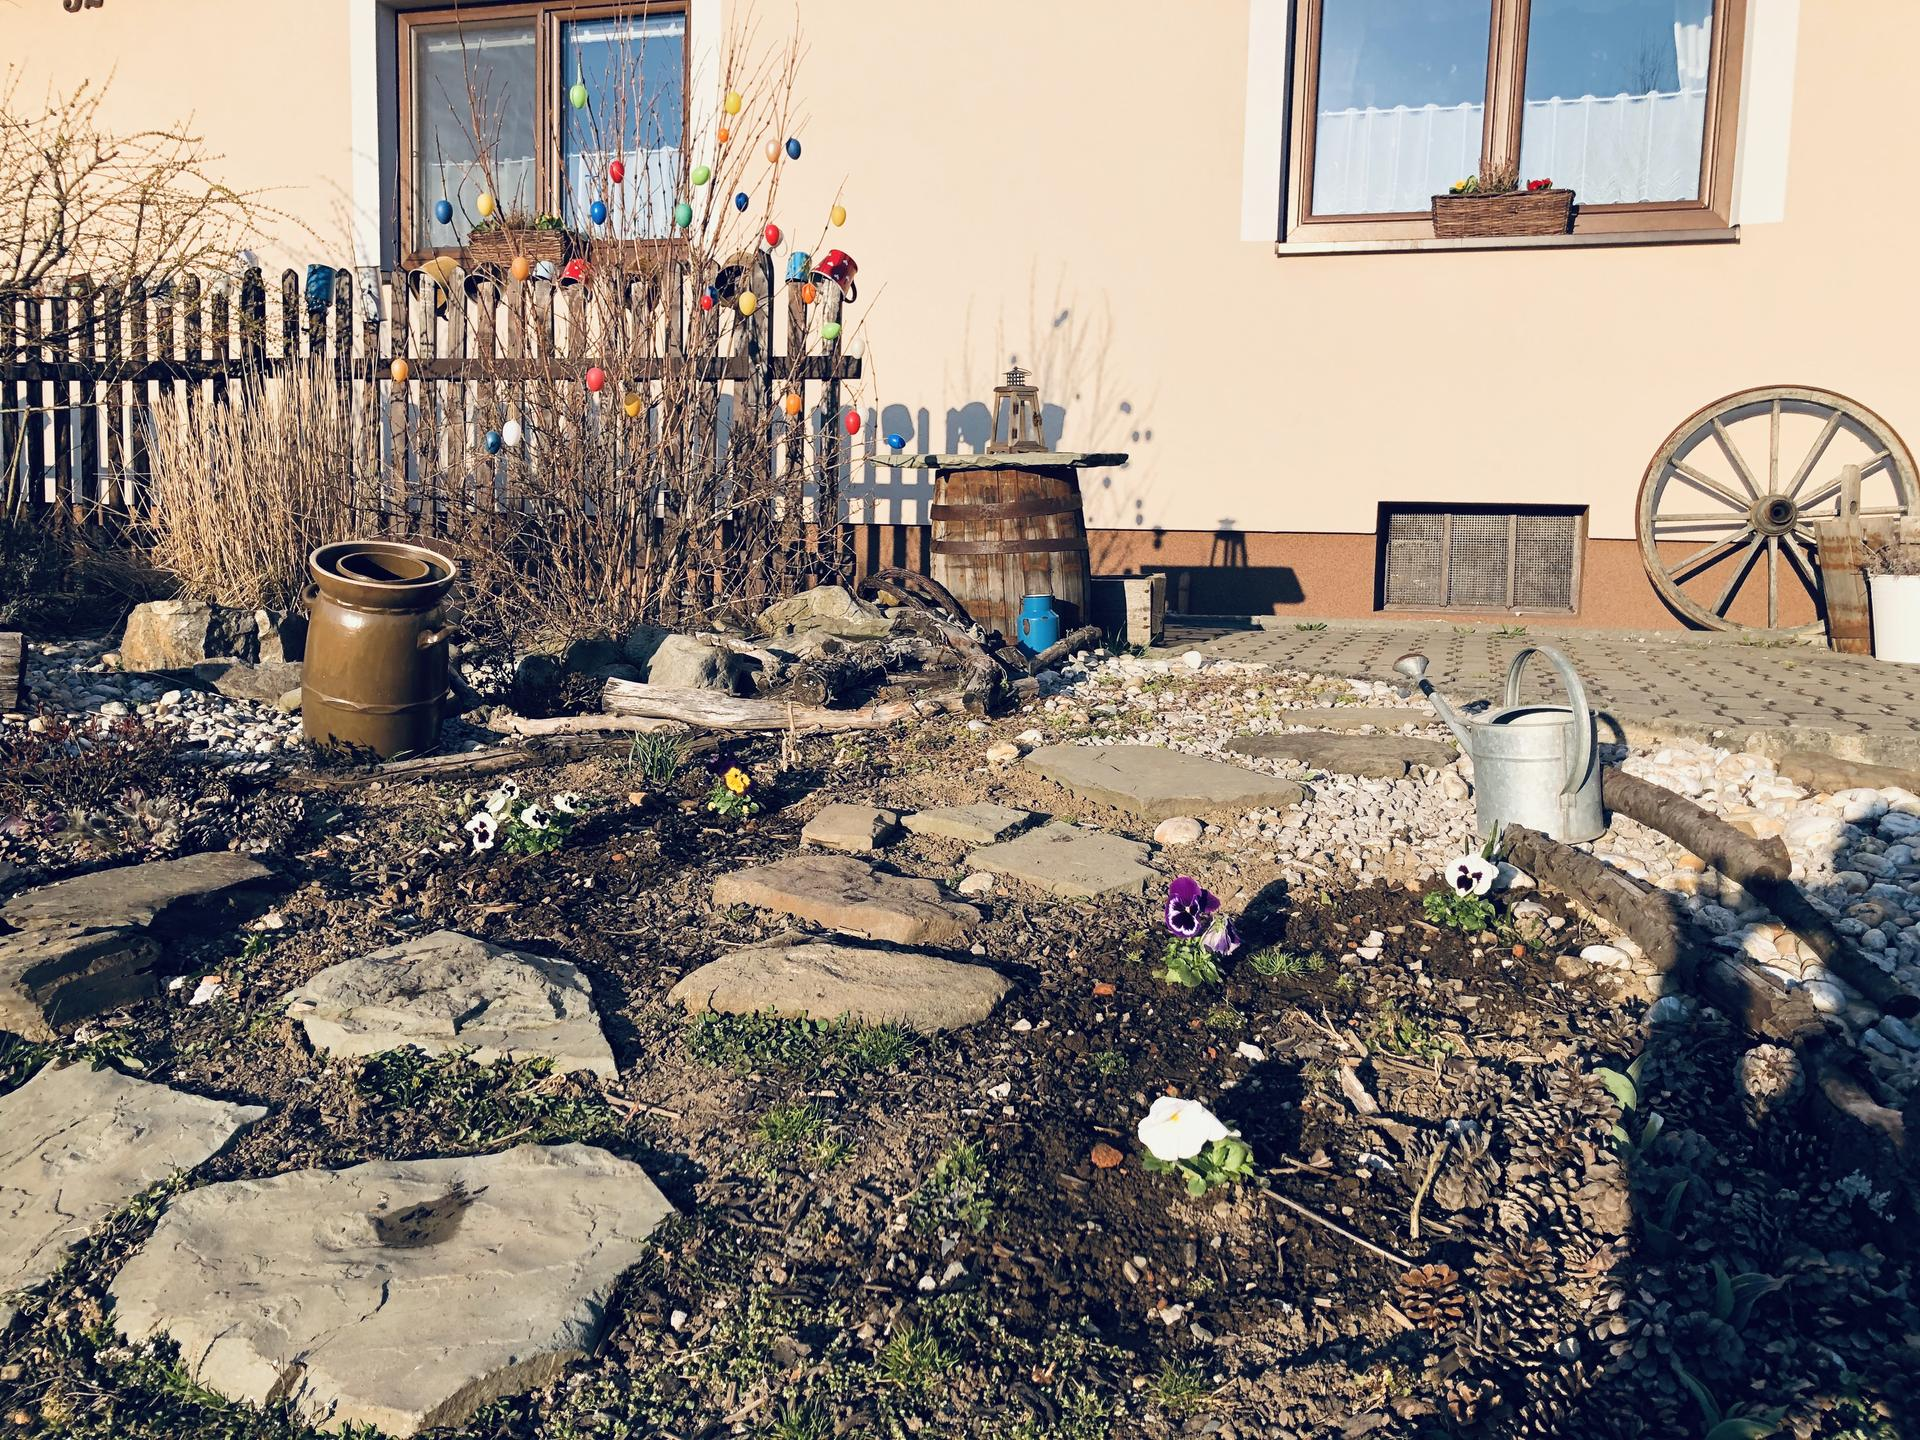 U nás doma a na zahradě 2020 - Obrázek č. 35